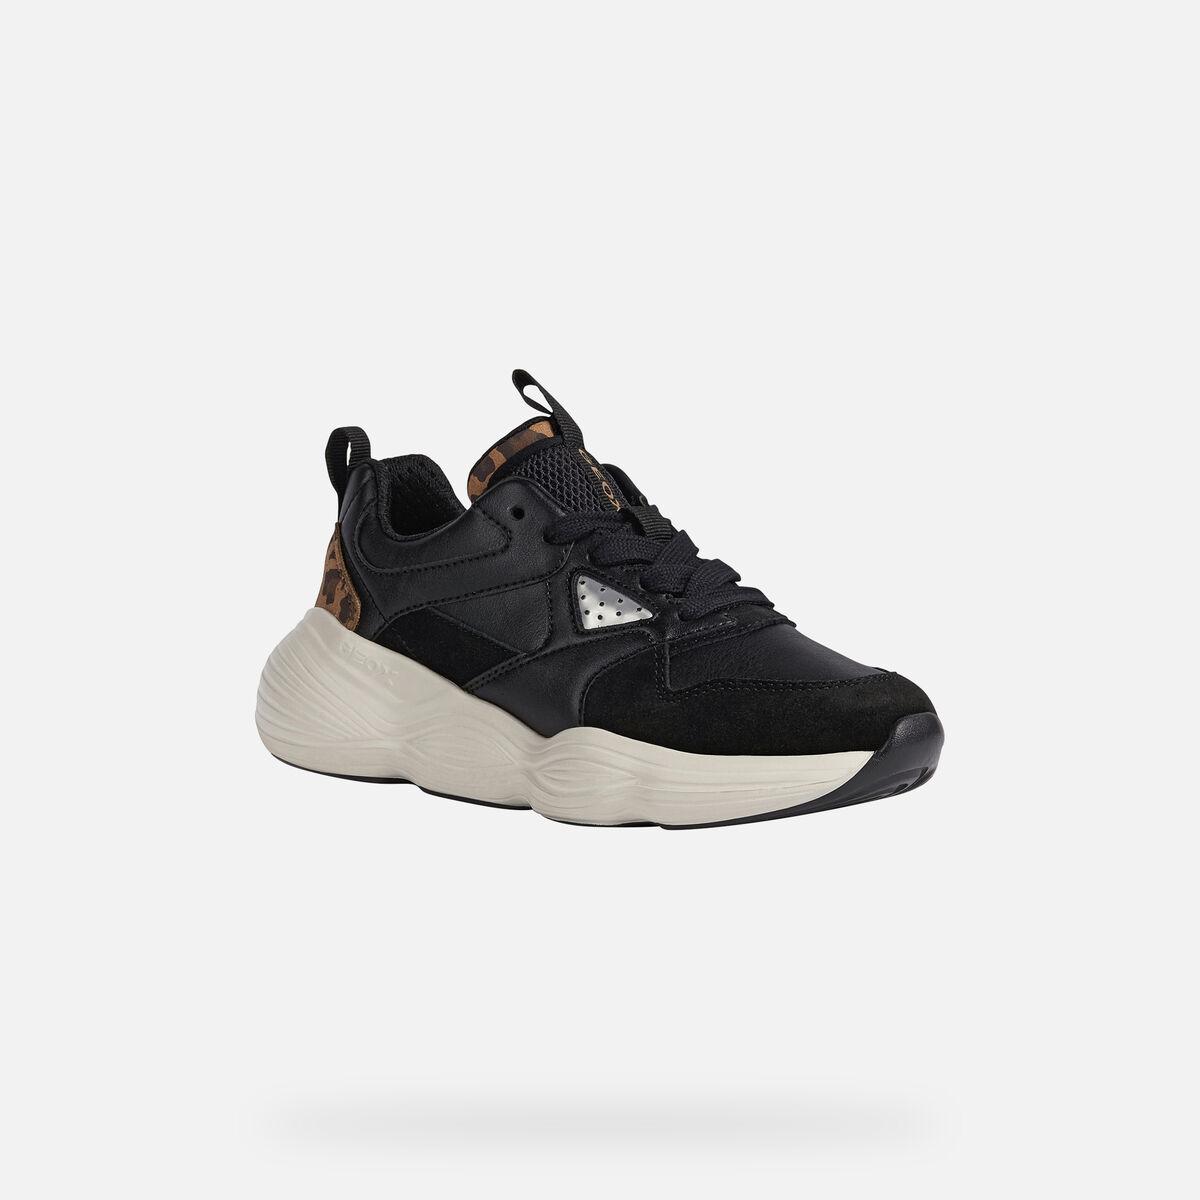 Κορίτσι Sneaker μαύρο Geox J04CΝΒ 05422 C9ΒΤ6